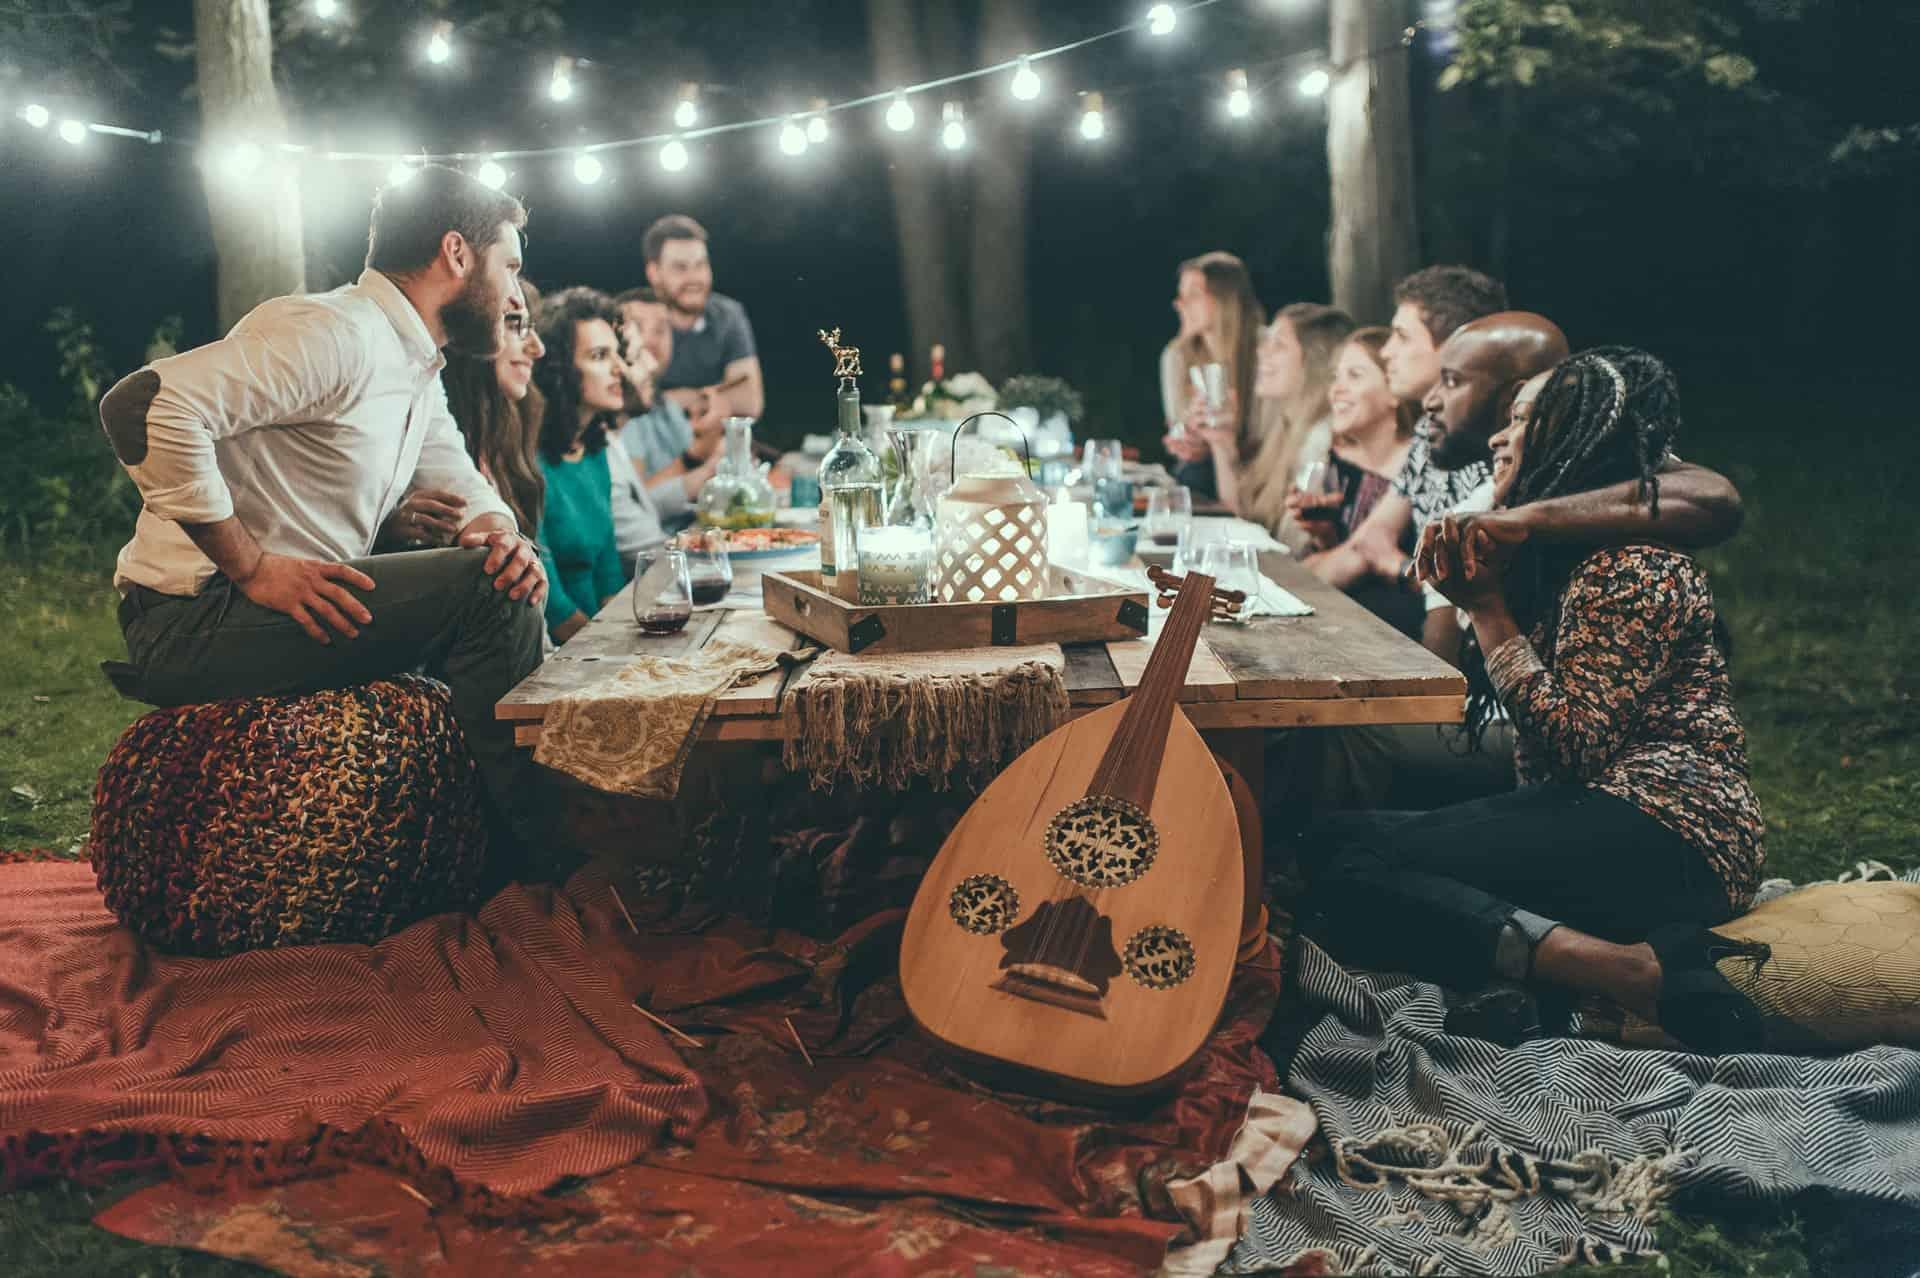 Leute am Partytisch im Freien